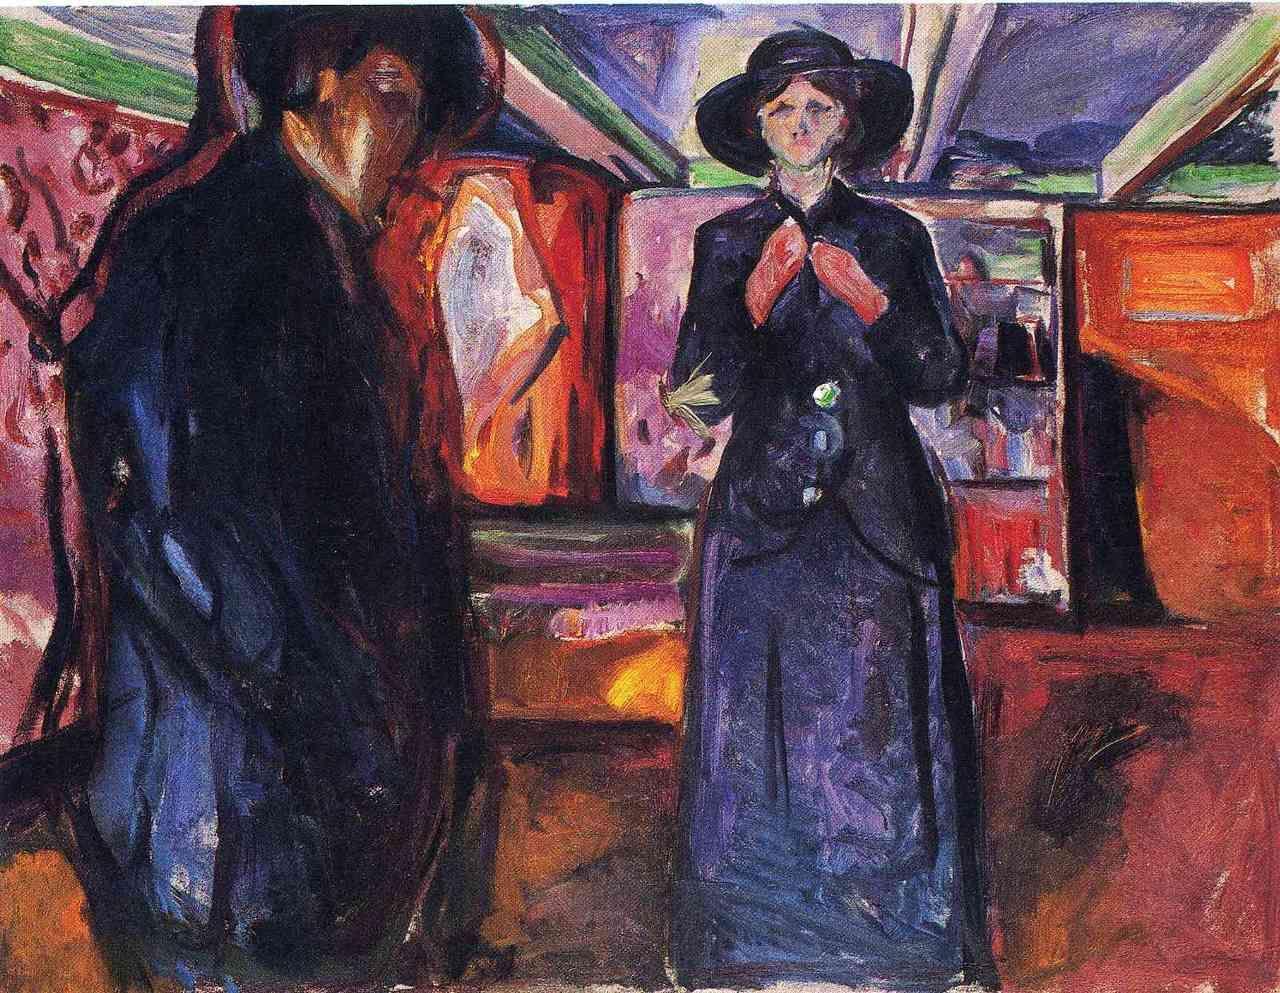 Edvard Munch, Mann og kvinne II (Man and Woman II), 1912-1915